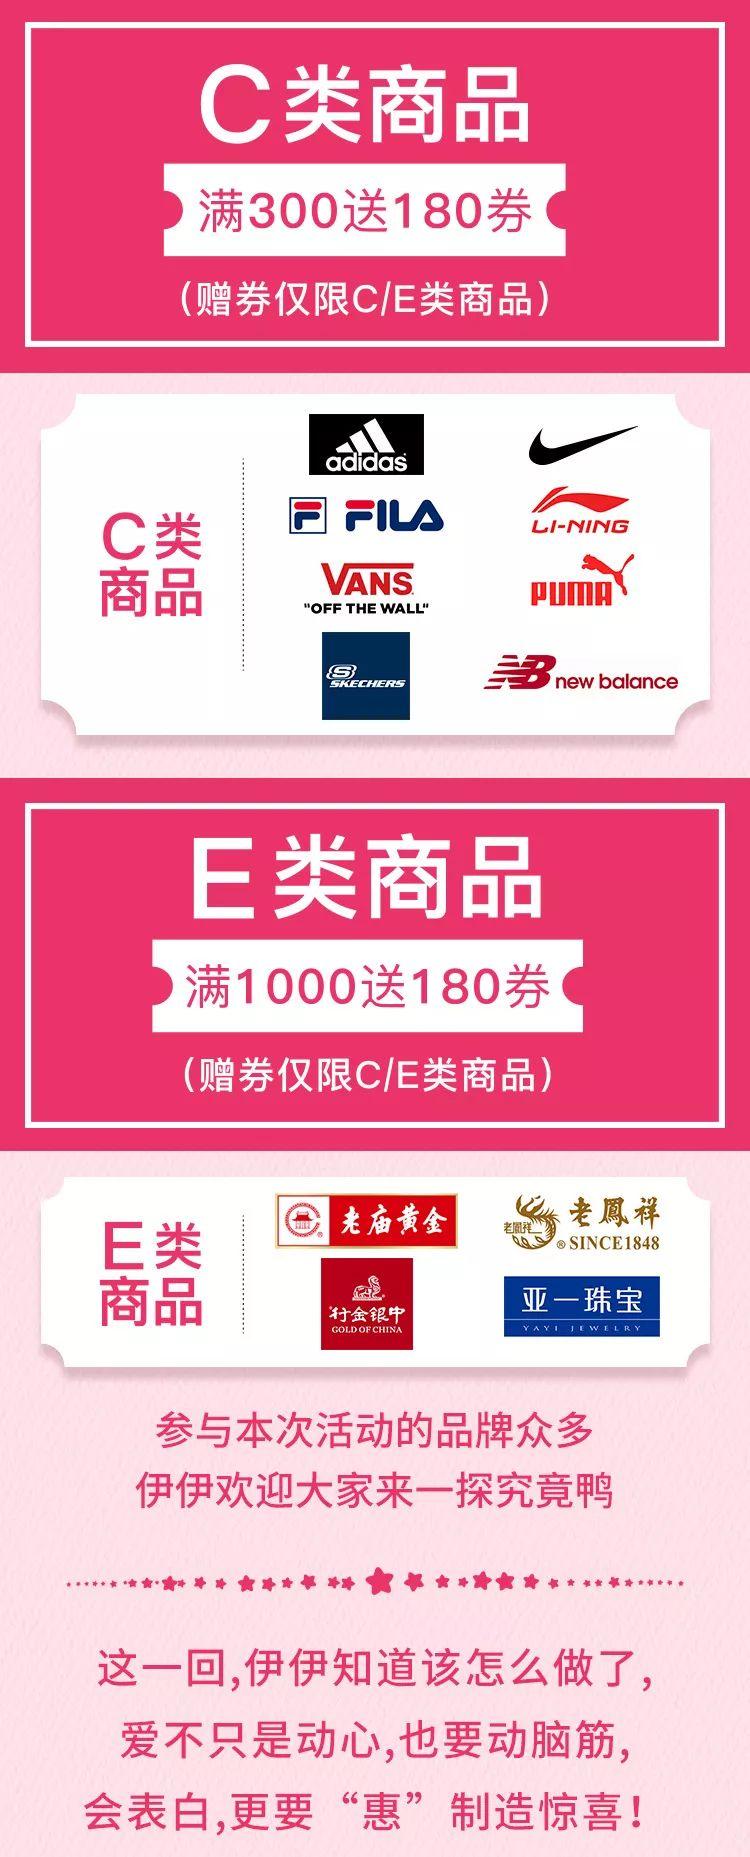 上海第一八佰伴2019五一特惠折扣